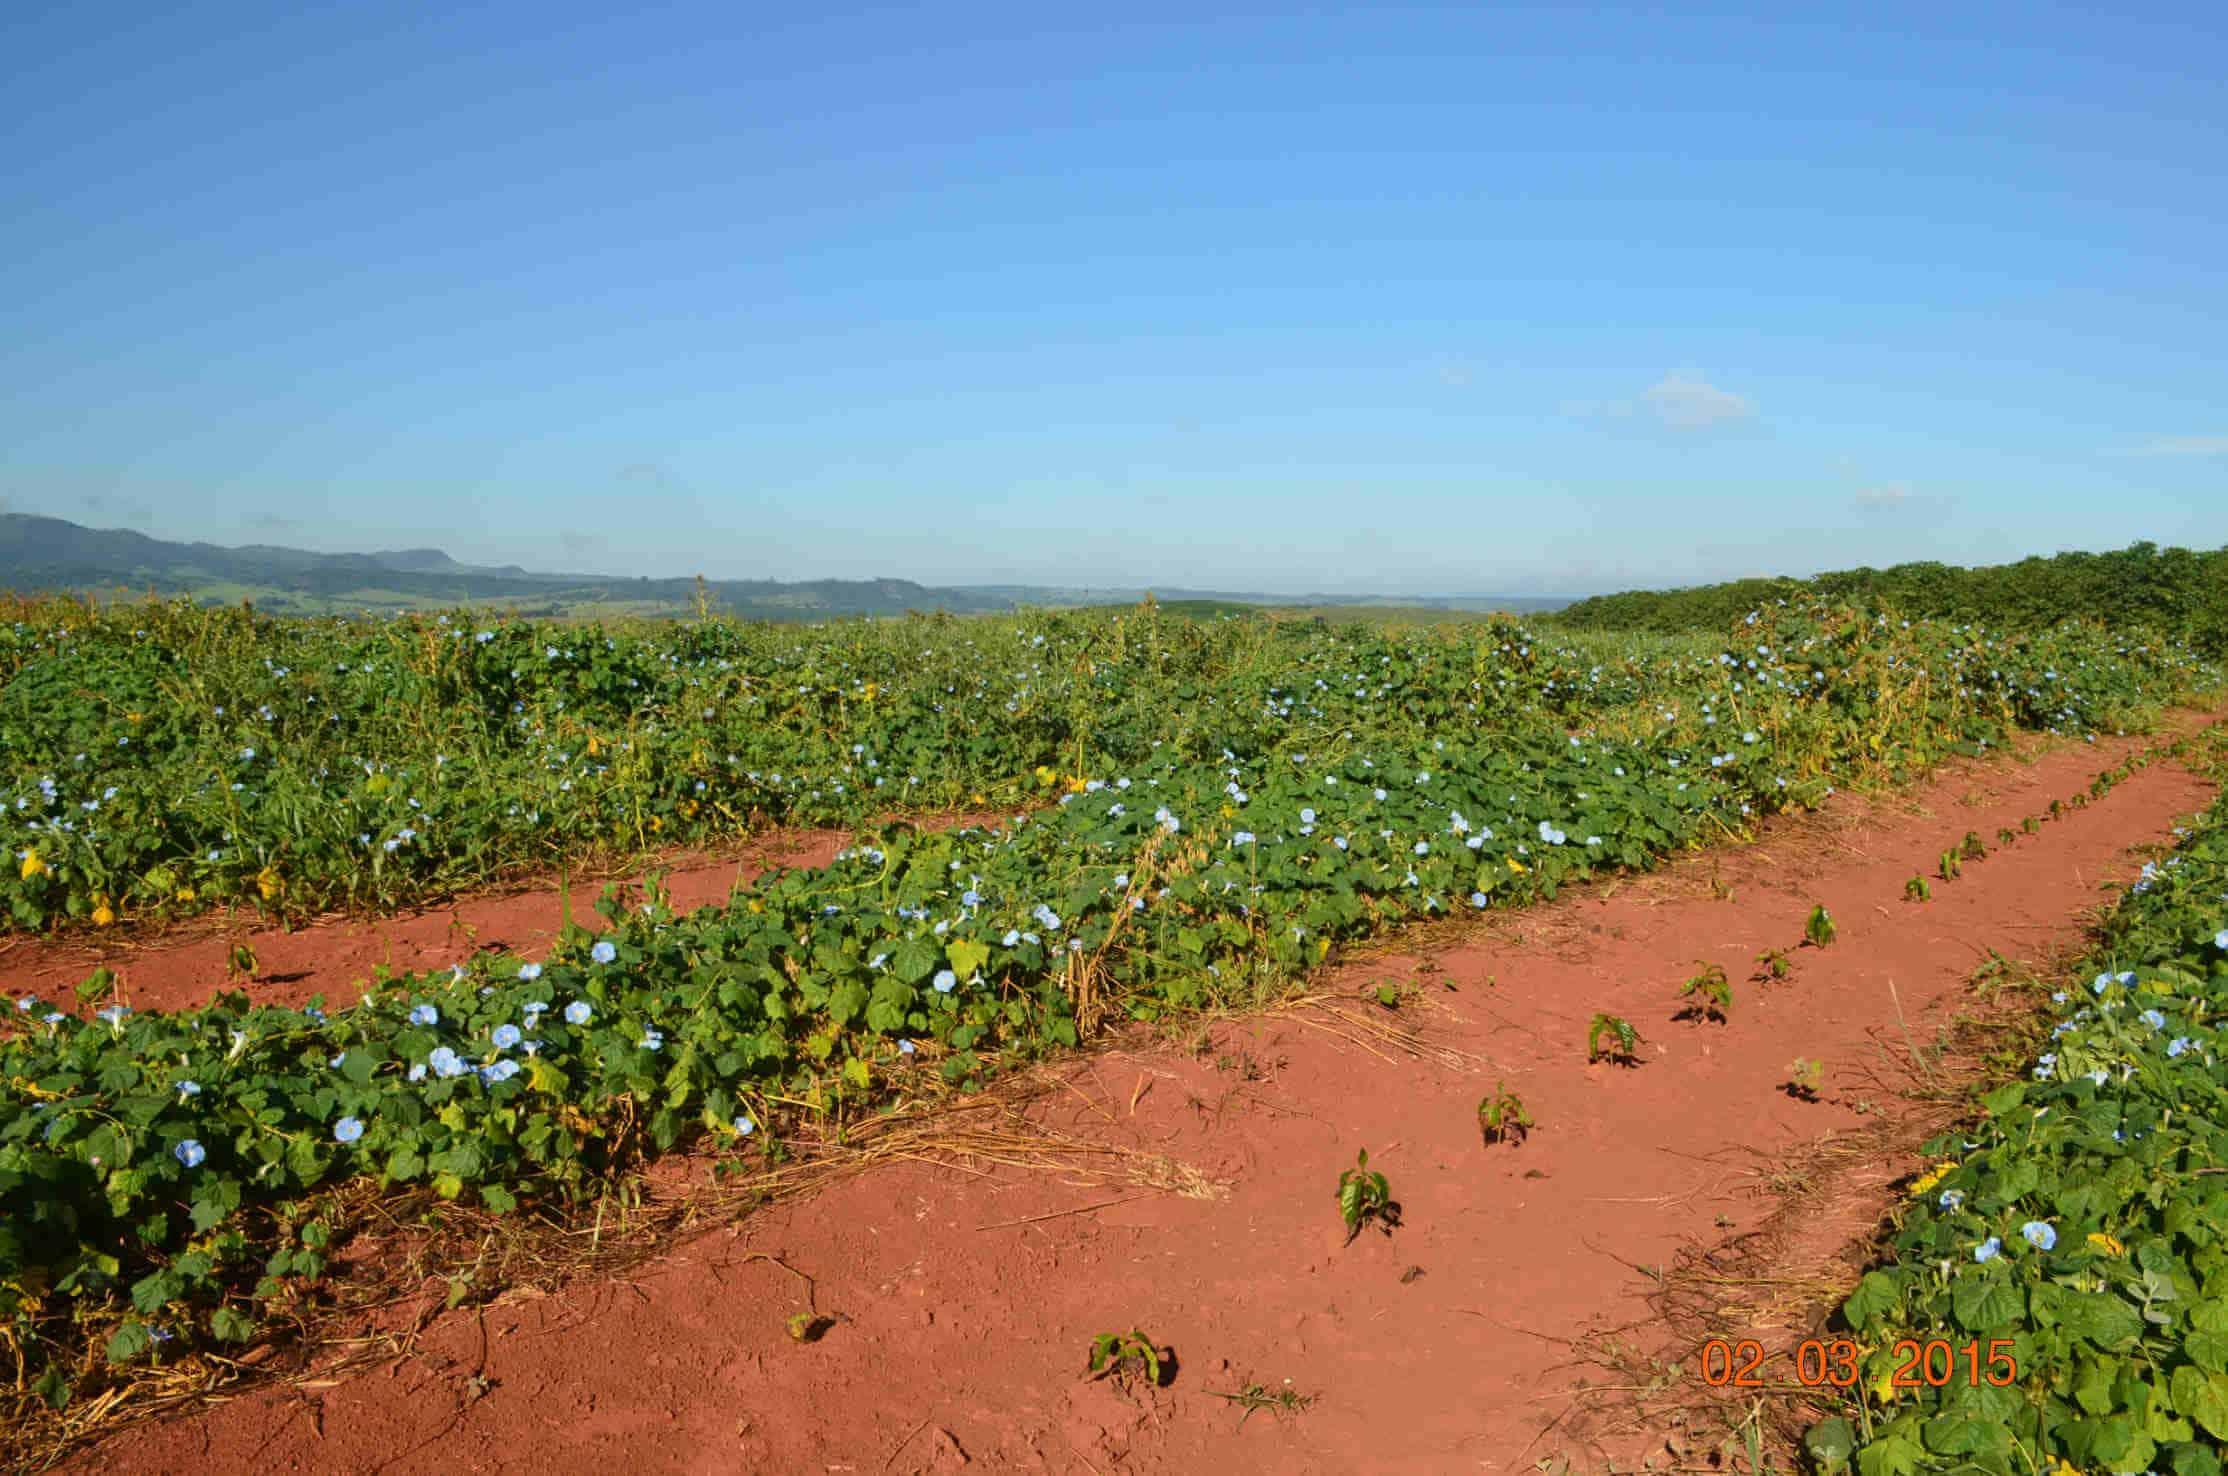 Plantacja kawy wBrazylii – Aby zaradzić suszy, któraspowodowała straty wuprawach dochodzące do20%, naniektórych plantacjach podjęto próby posadzenia roślin, którychzadaniem jest częściowe zatrzymanie wody wglebie.